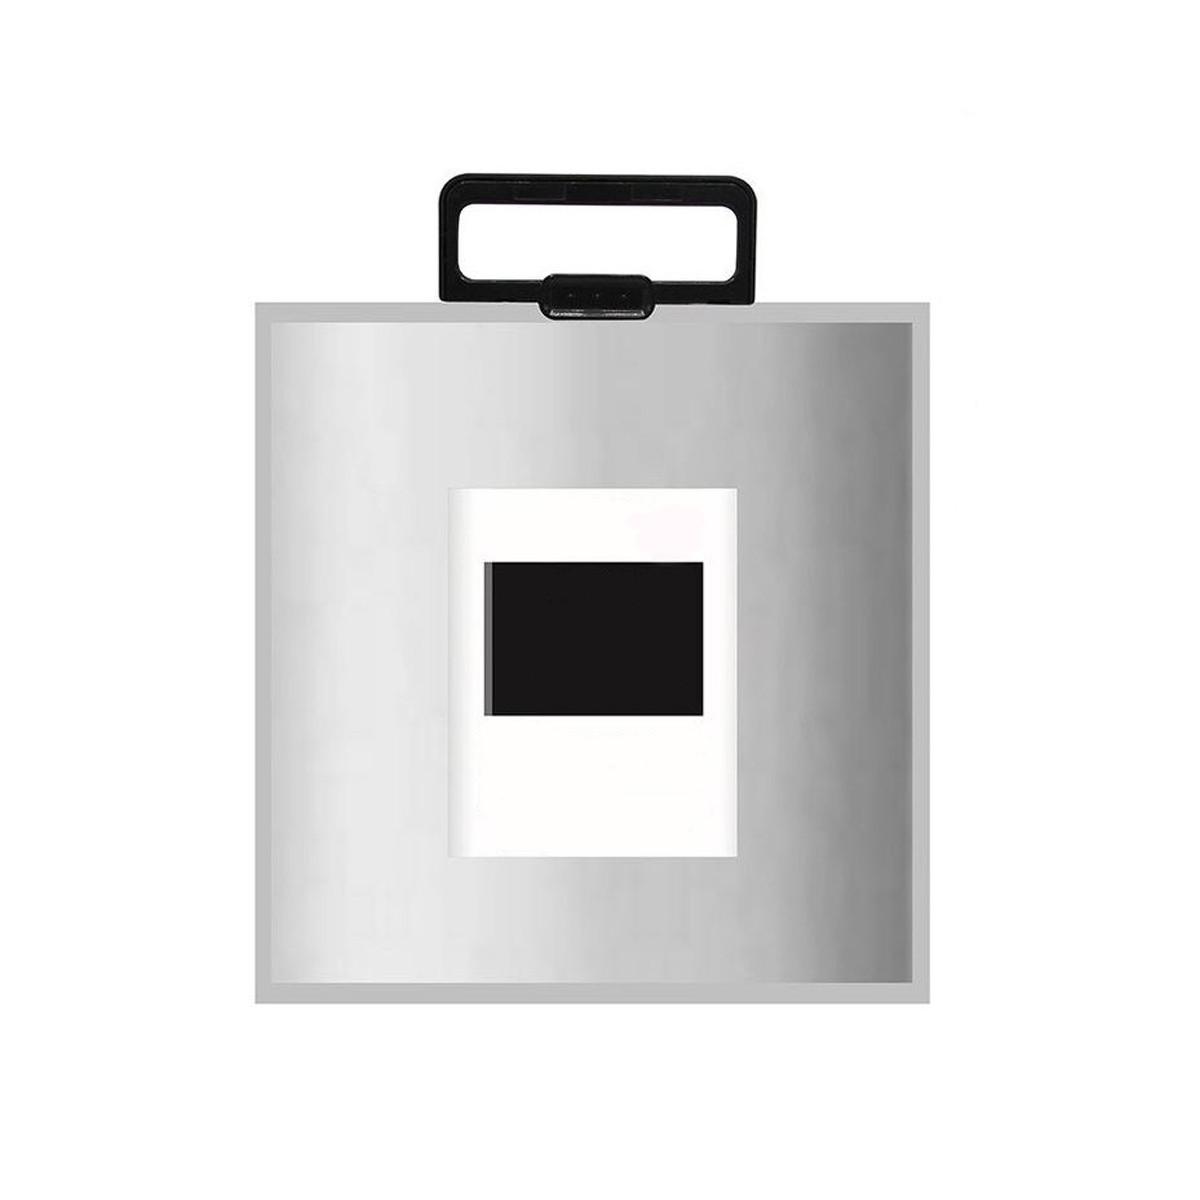 Tinta Compatível com Epson Ink Bag Preto | WF-C869 WF-C860 | 22,5k